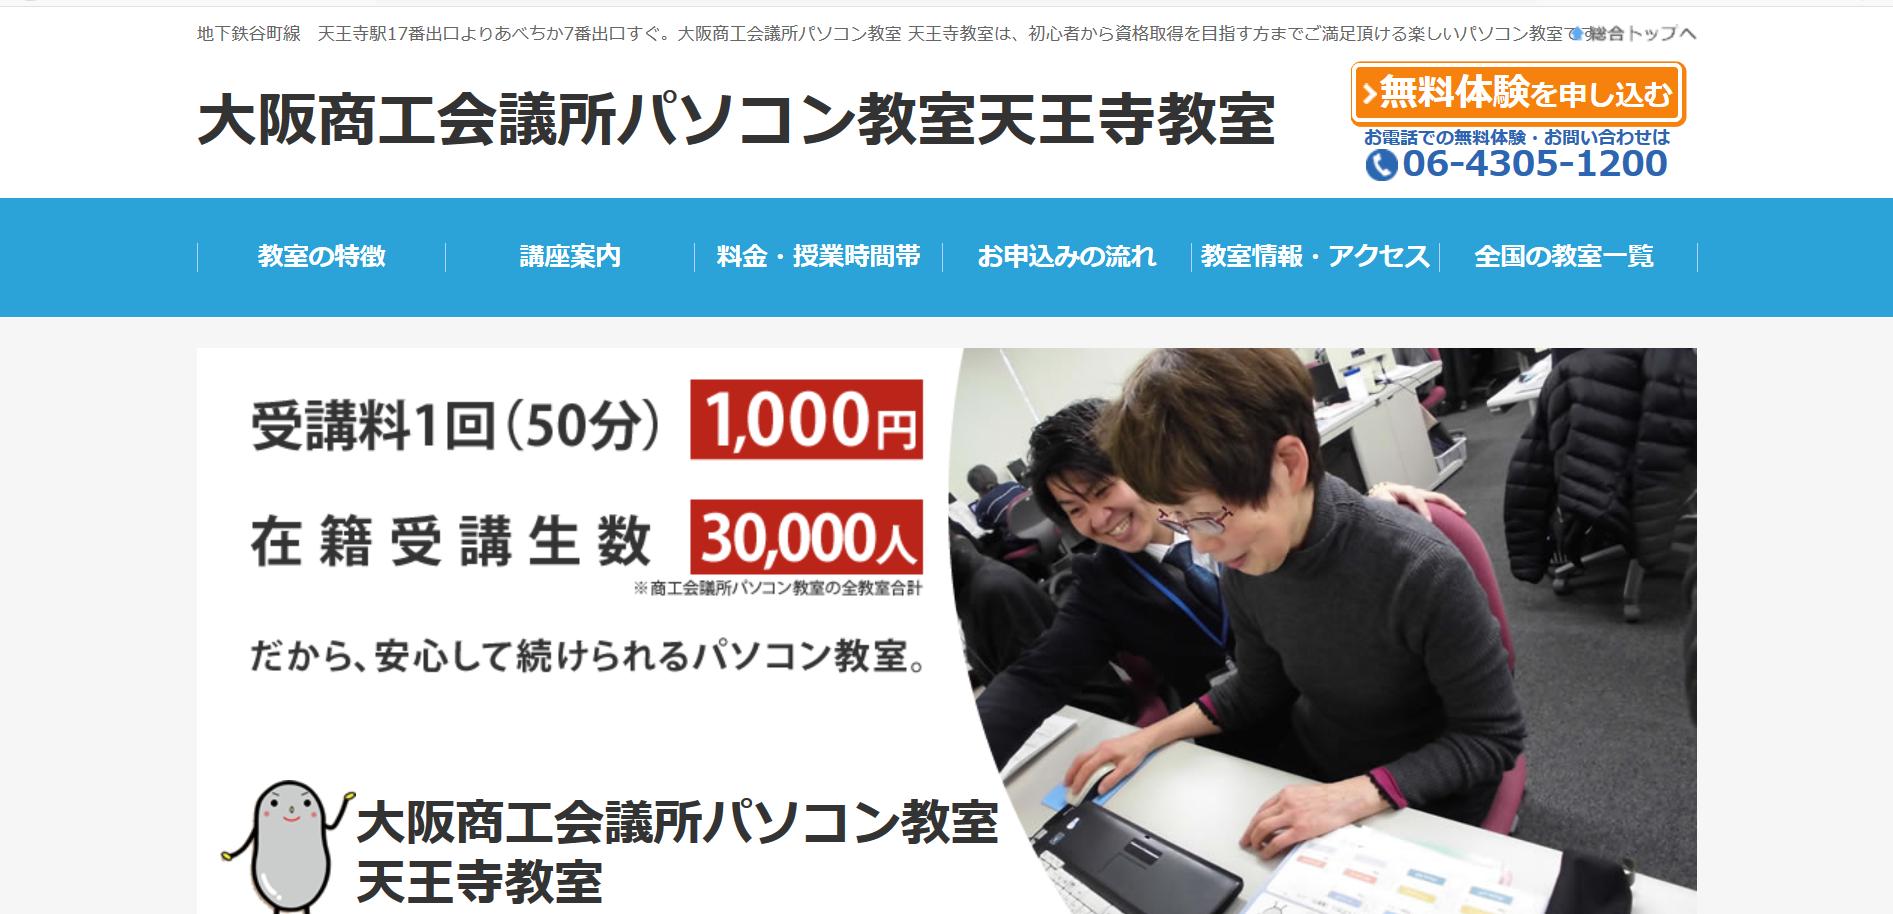 大阪商工会議所パソコン教室 天王寺教室の評判・口コミ